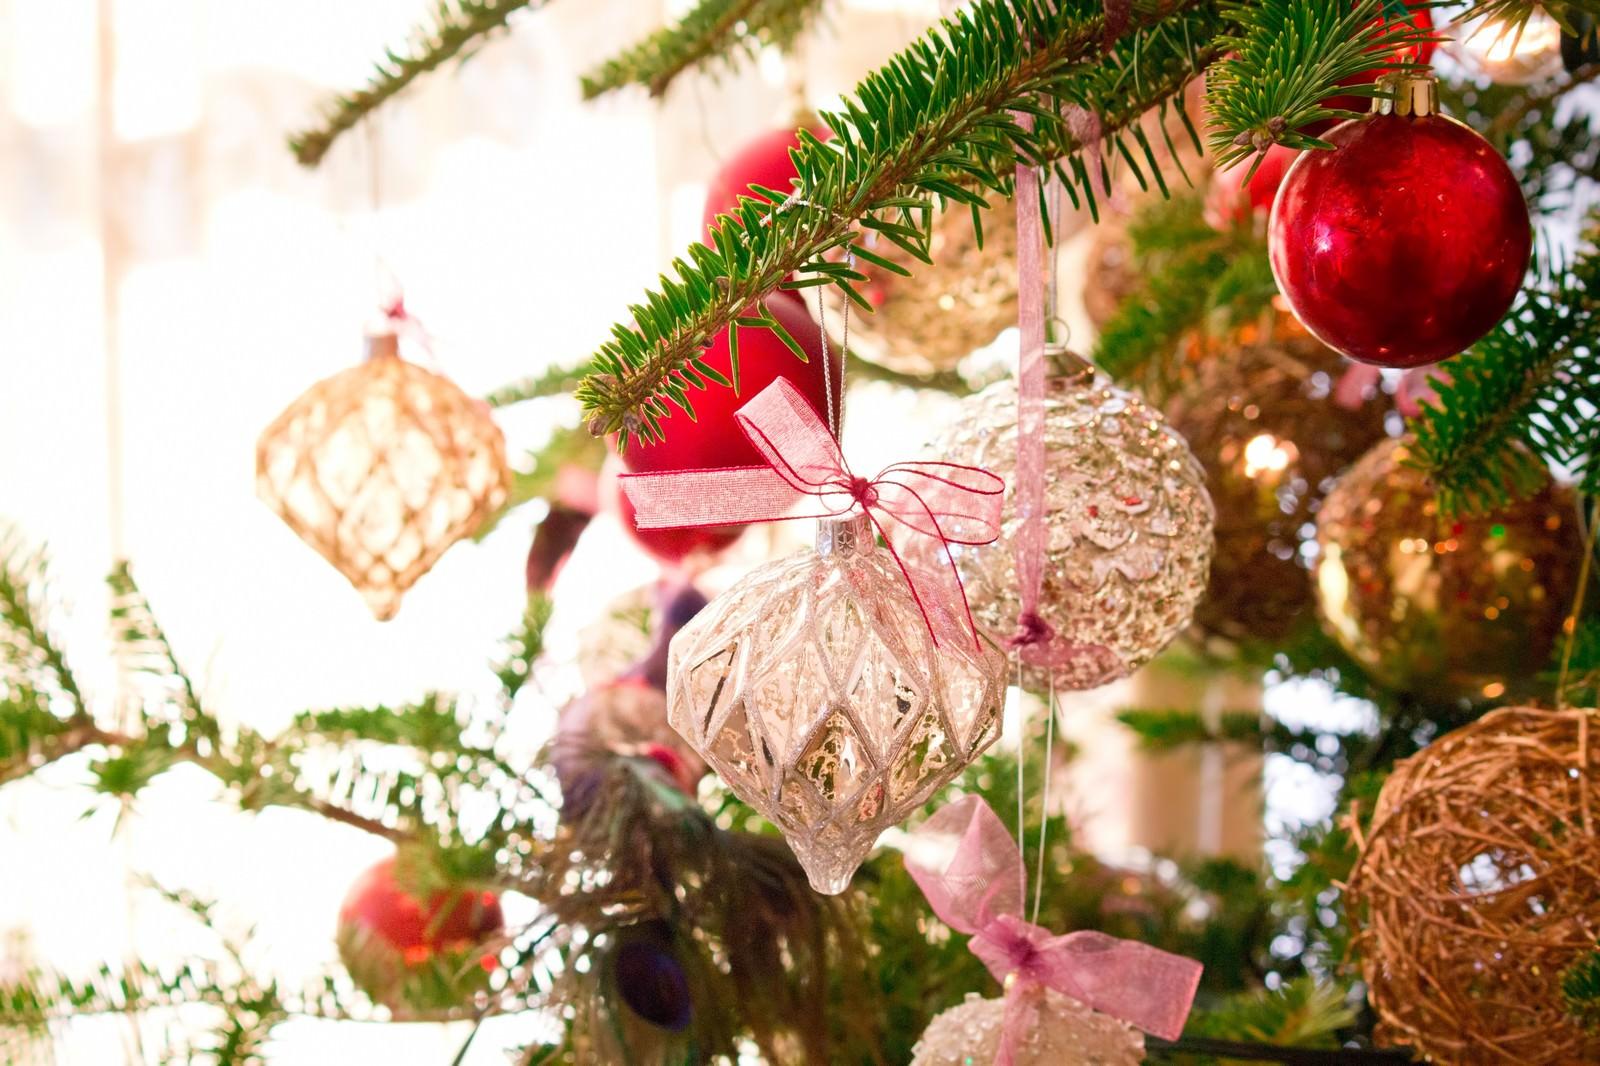 クリスマスのキラキラした飾り無料の写真素材はフリー素材のぱくたそ